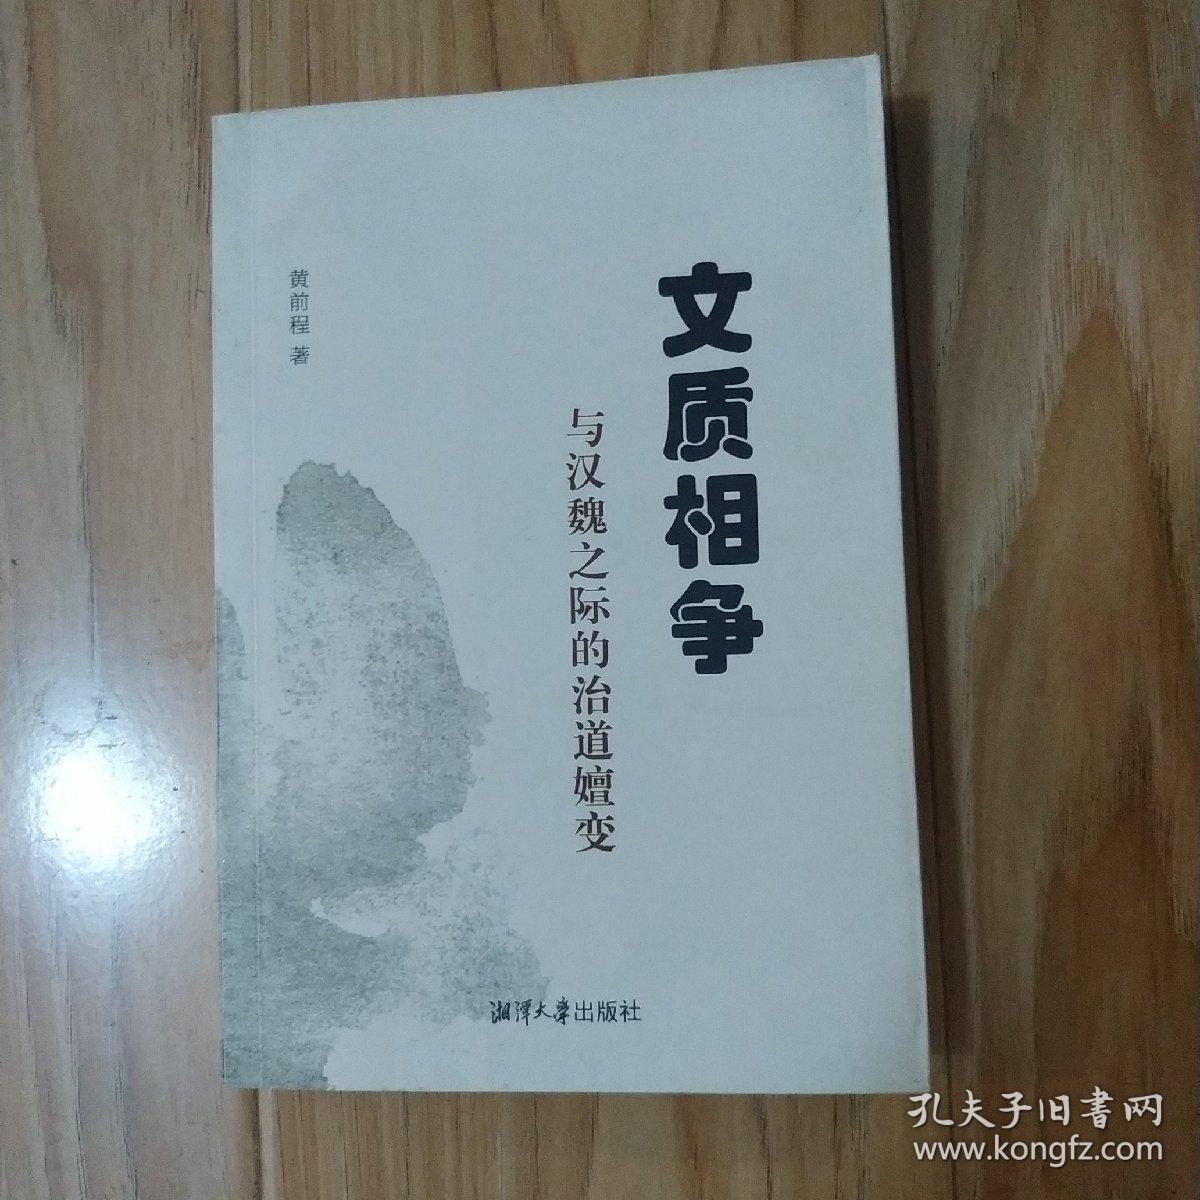 文质相争与汉魏之际的治道嬗变  包邮挂刷